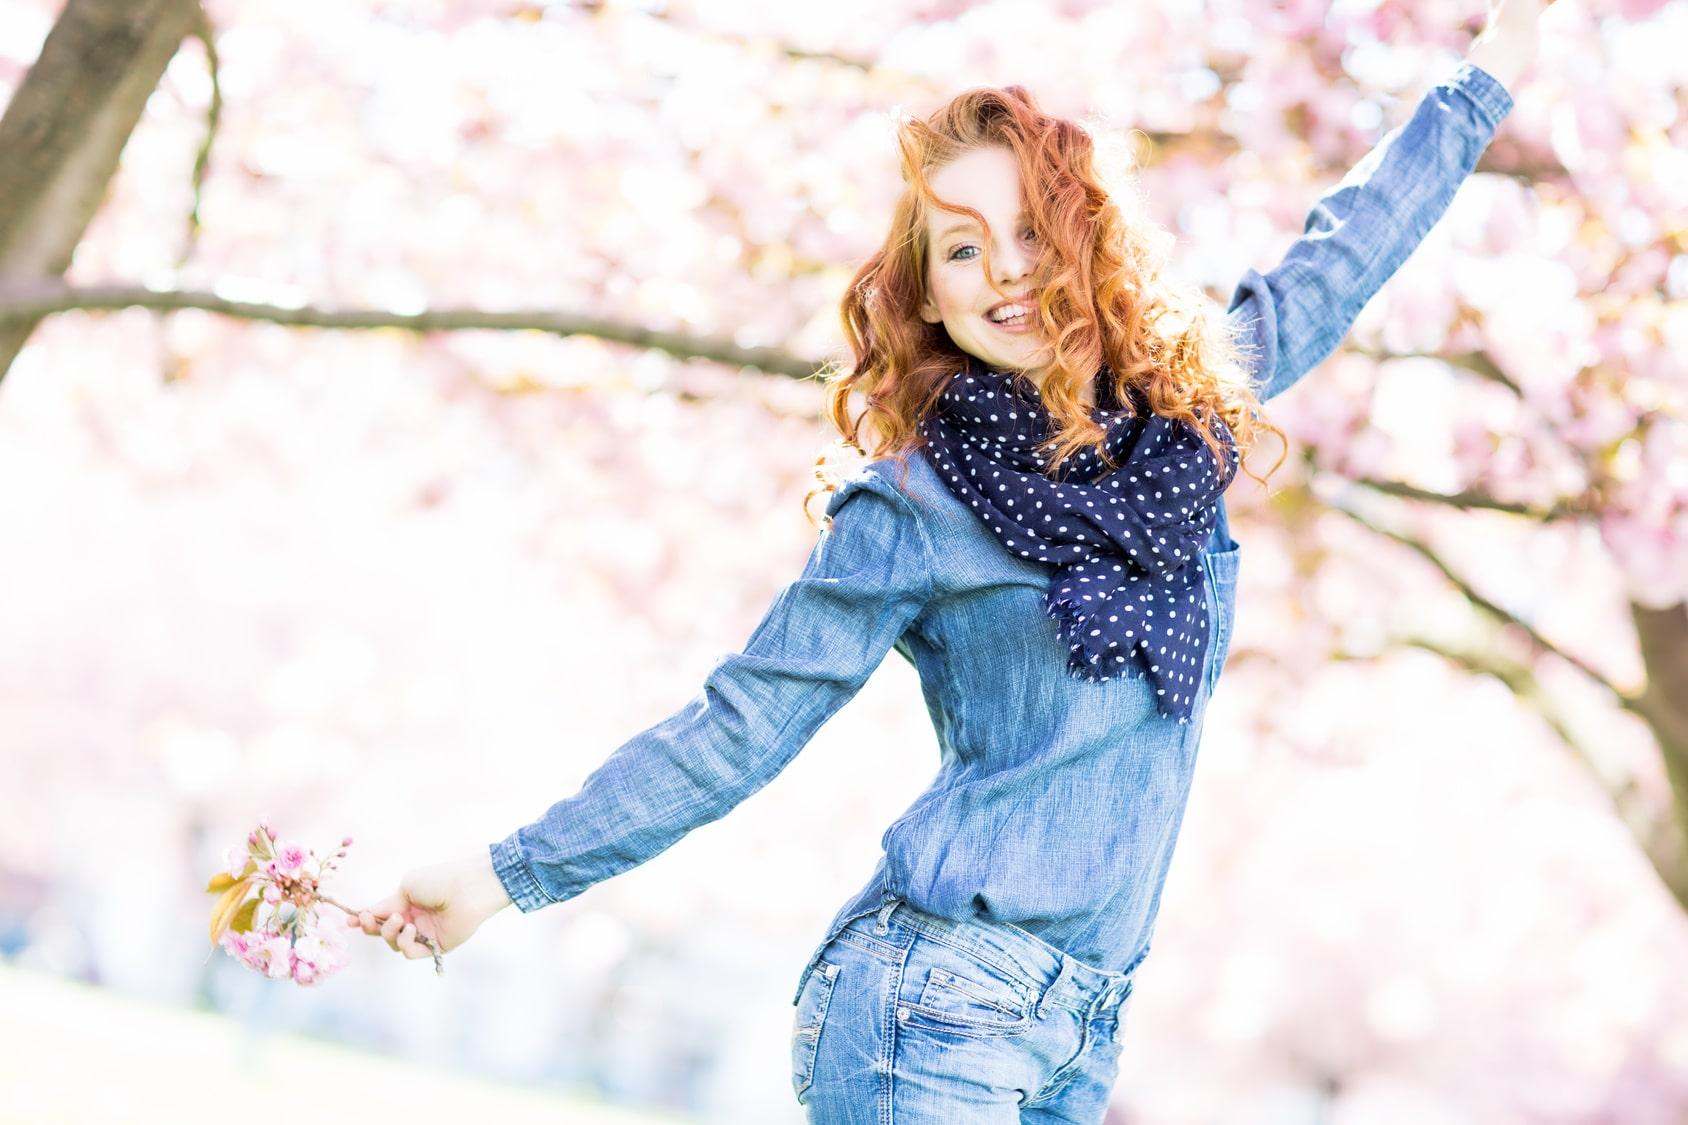 Ein junges Mädchen mit langen und lockig roten Haaren breitet die Arme aus und möchte damit zeigen, dass sie das Selbstbewusstsein stärken konnte und sehr opsitiv in eine erfolgreiche Zukunft blickt. Sie trägt ein Hosenanzug aus bleuer Jeans und um den Hals trägt Sie ein dunkelblaues Halstuch mit weissen Punkten. Im Hintergrund ist ein lila blühender Fliederbaum zu sehen und der Himmel ist Wolkenlos.